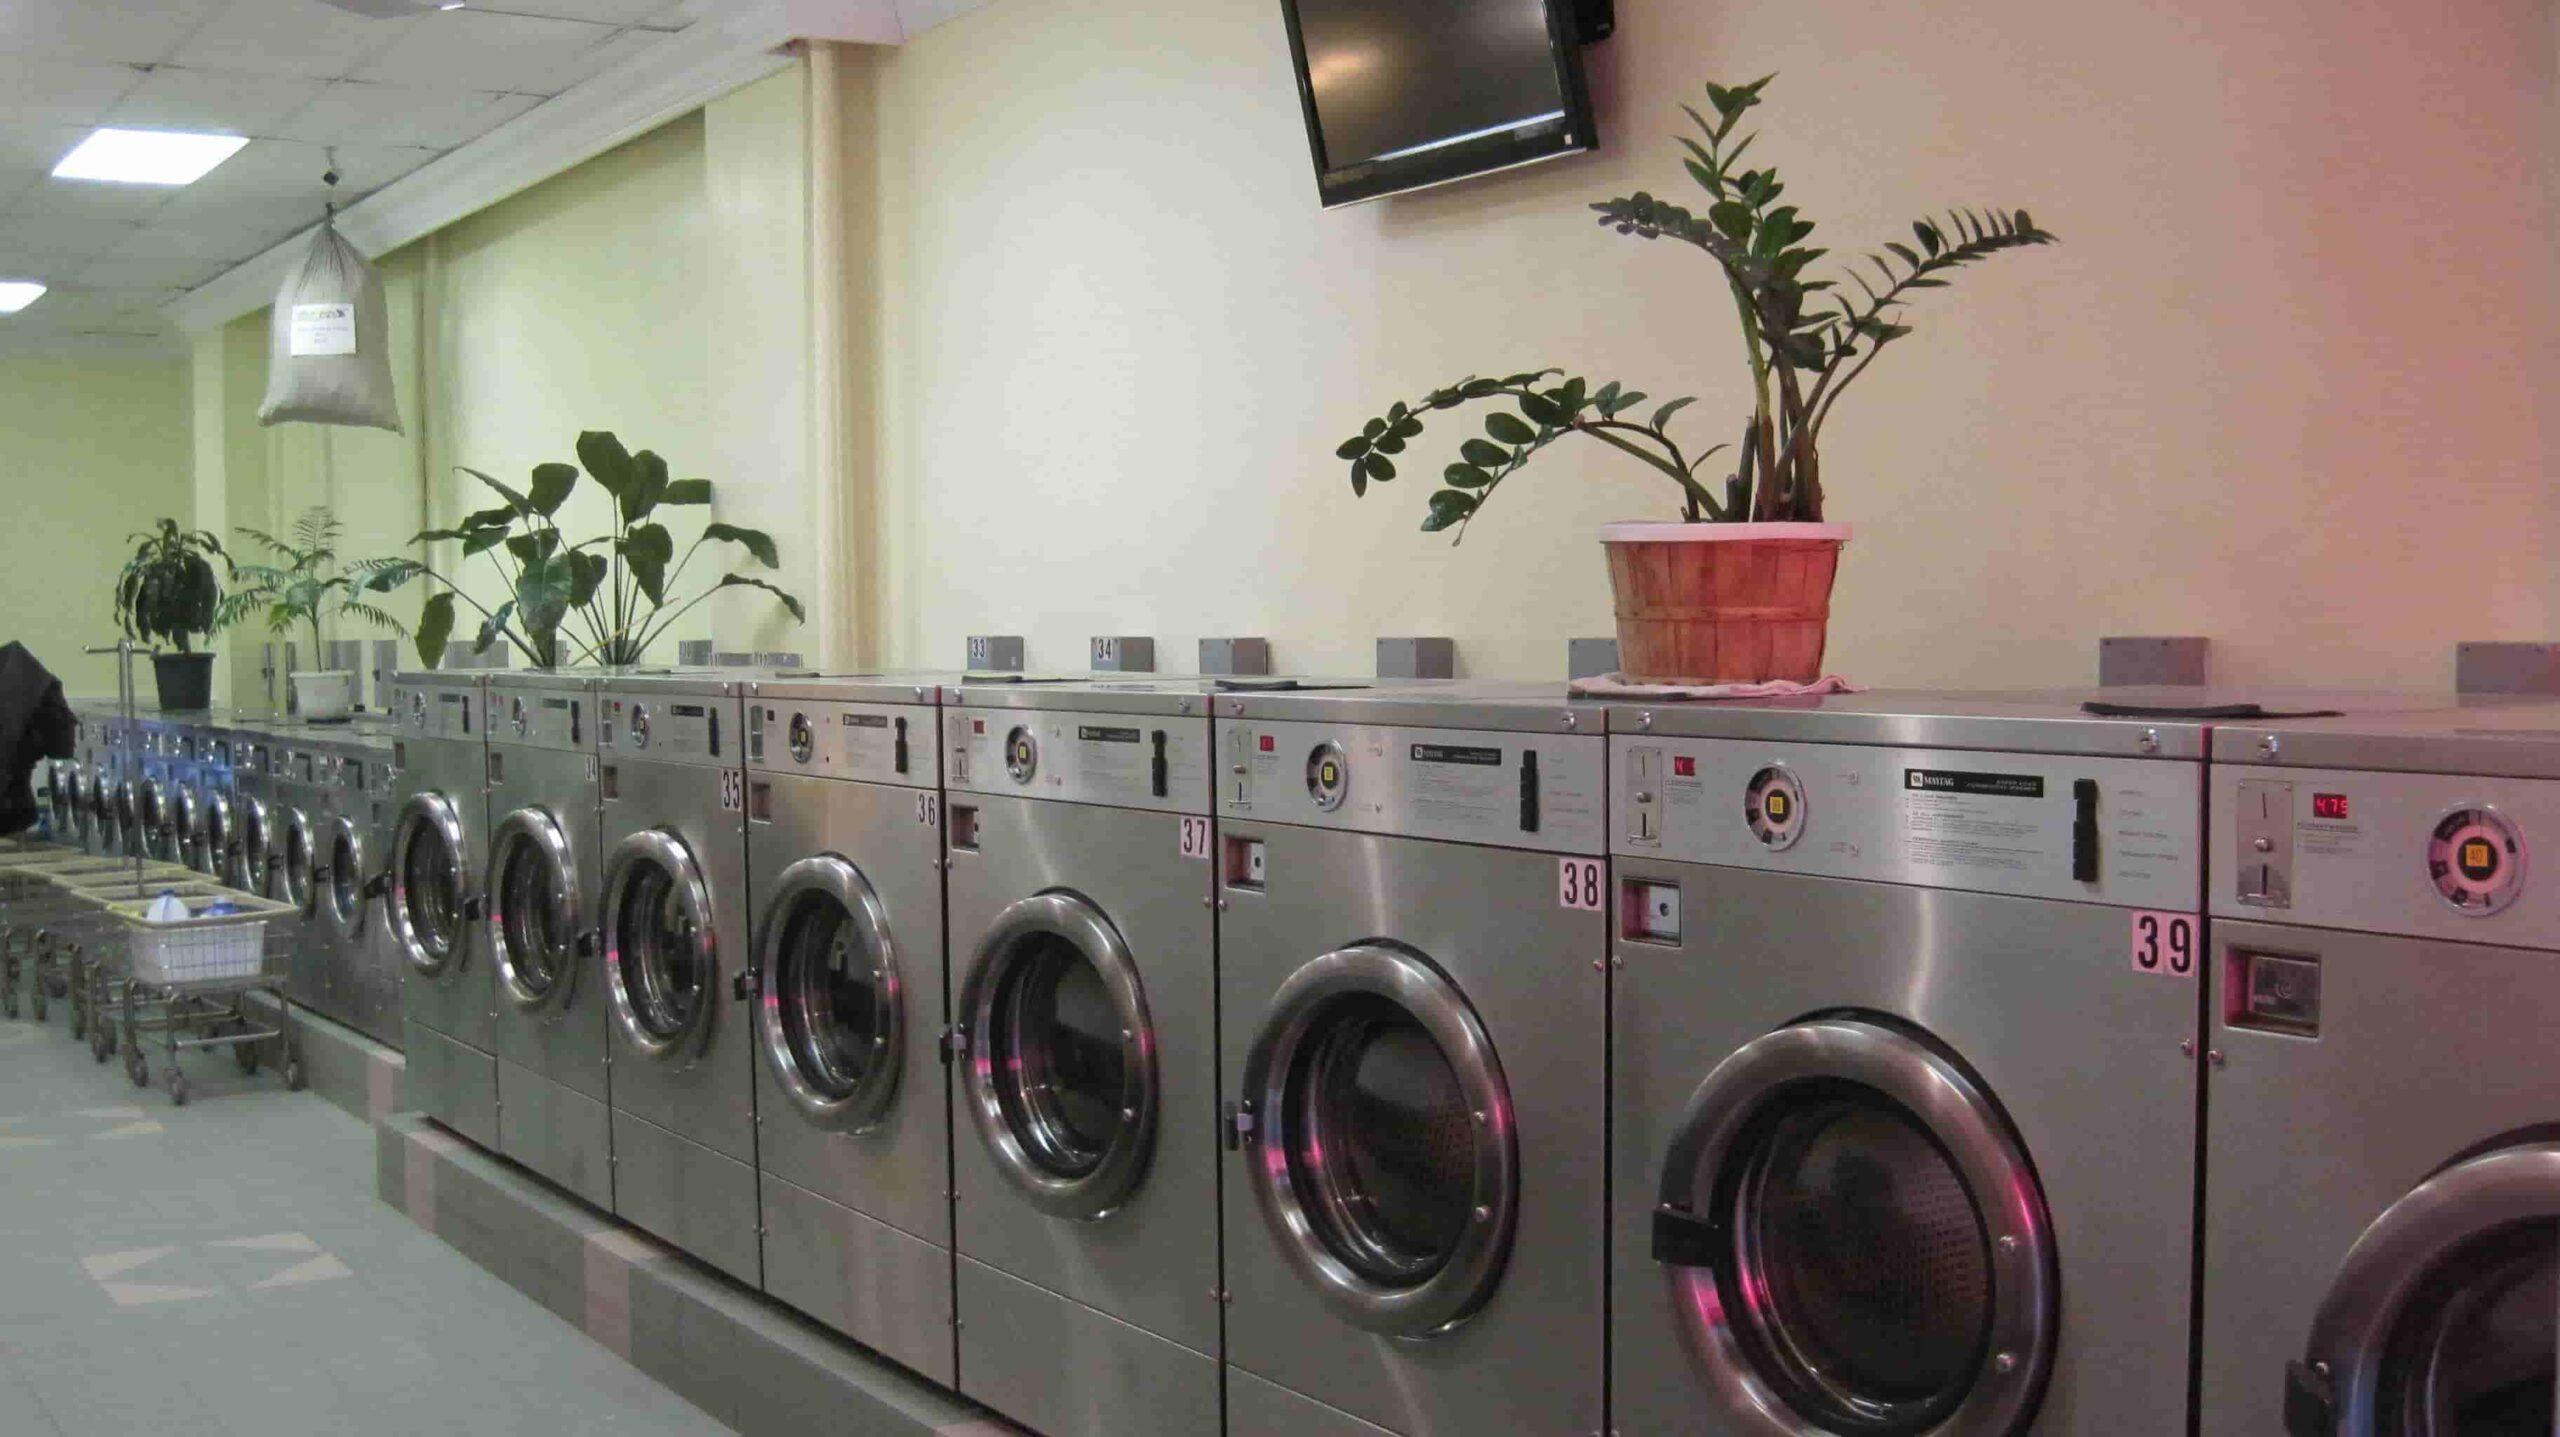 glen street laundromat